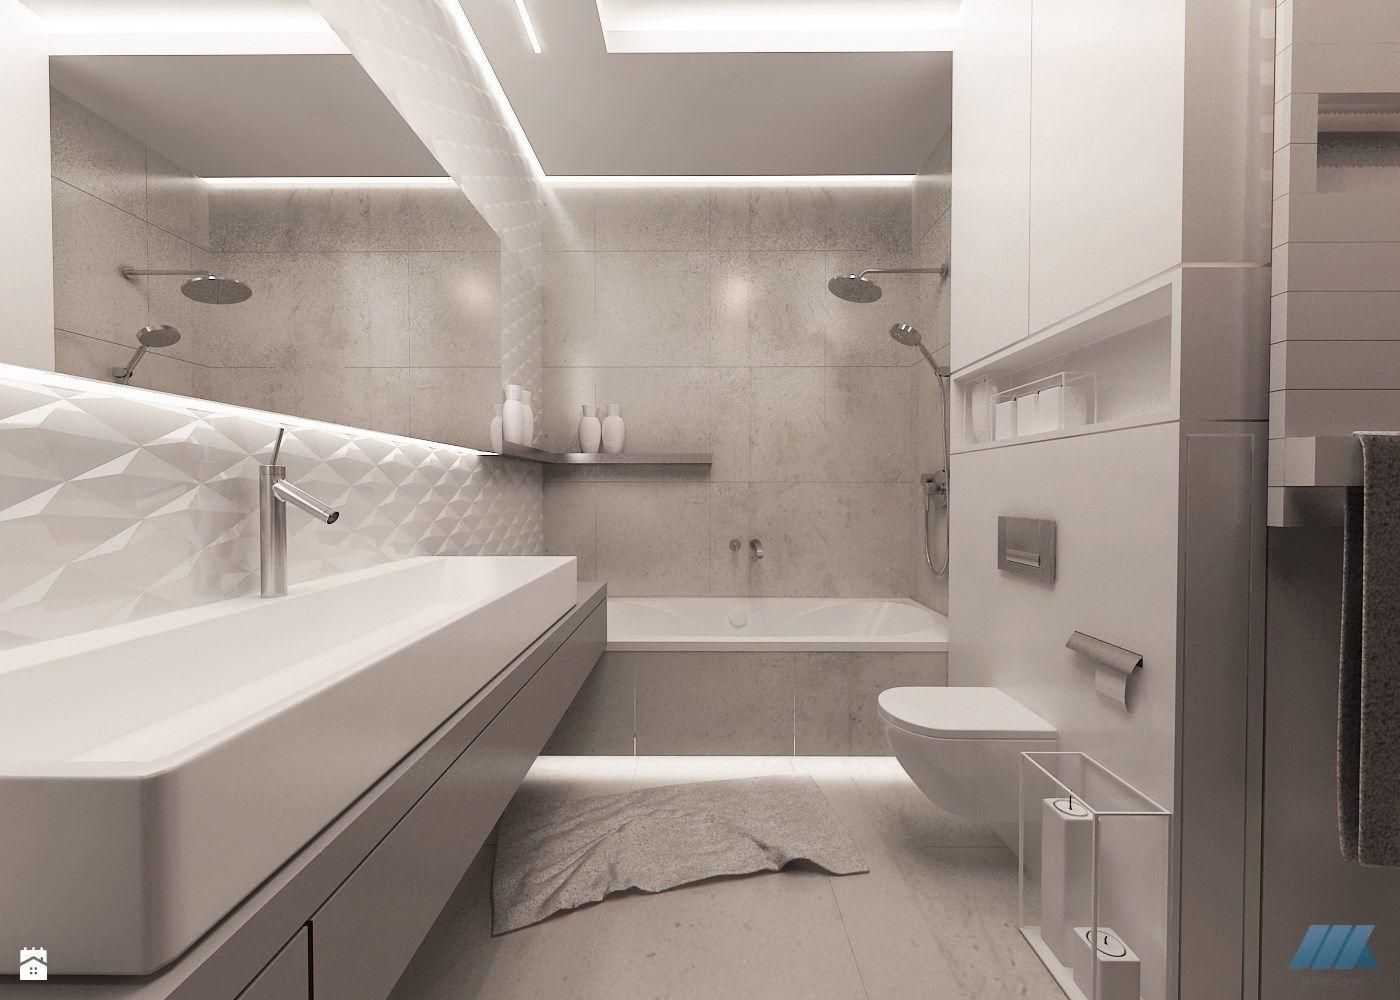 łazienka Styl Nowoczesny Zdjęcie Od Mkdesigner łazienka